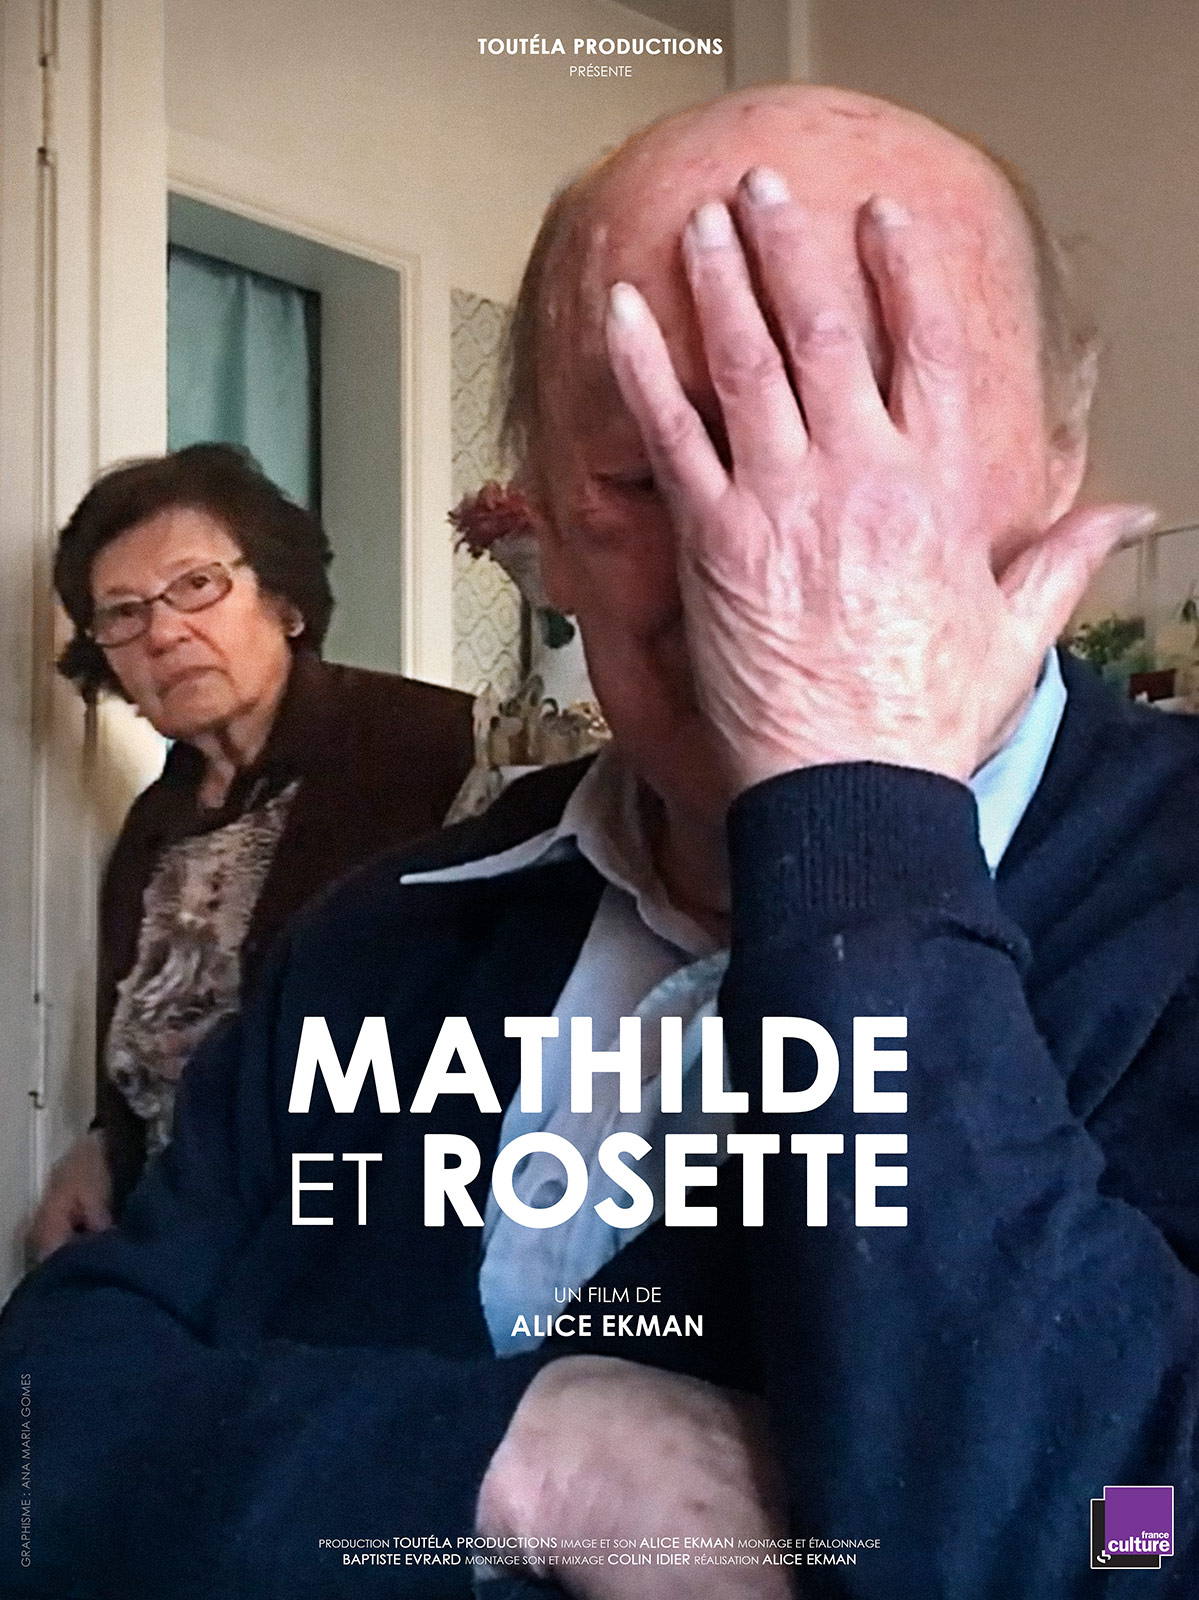 Mathilde et Rosette